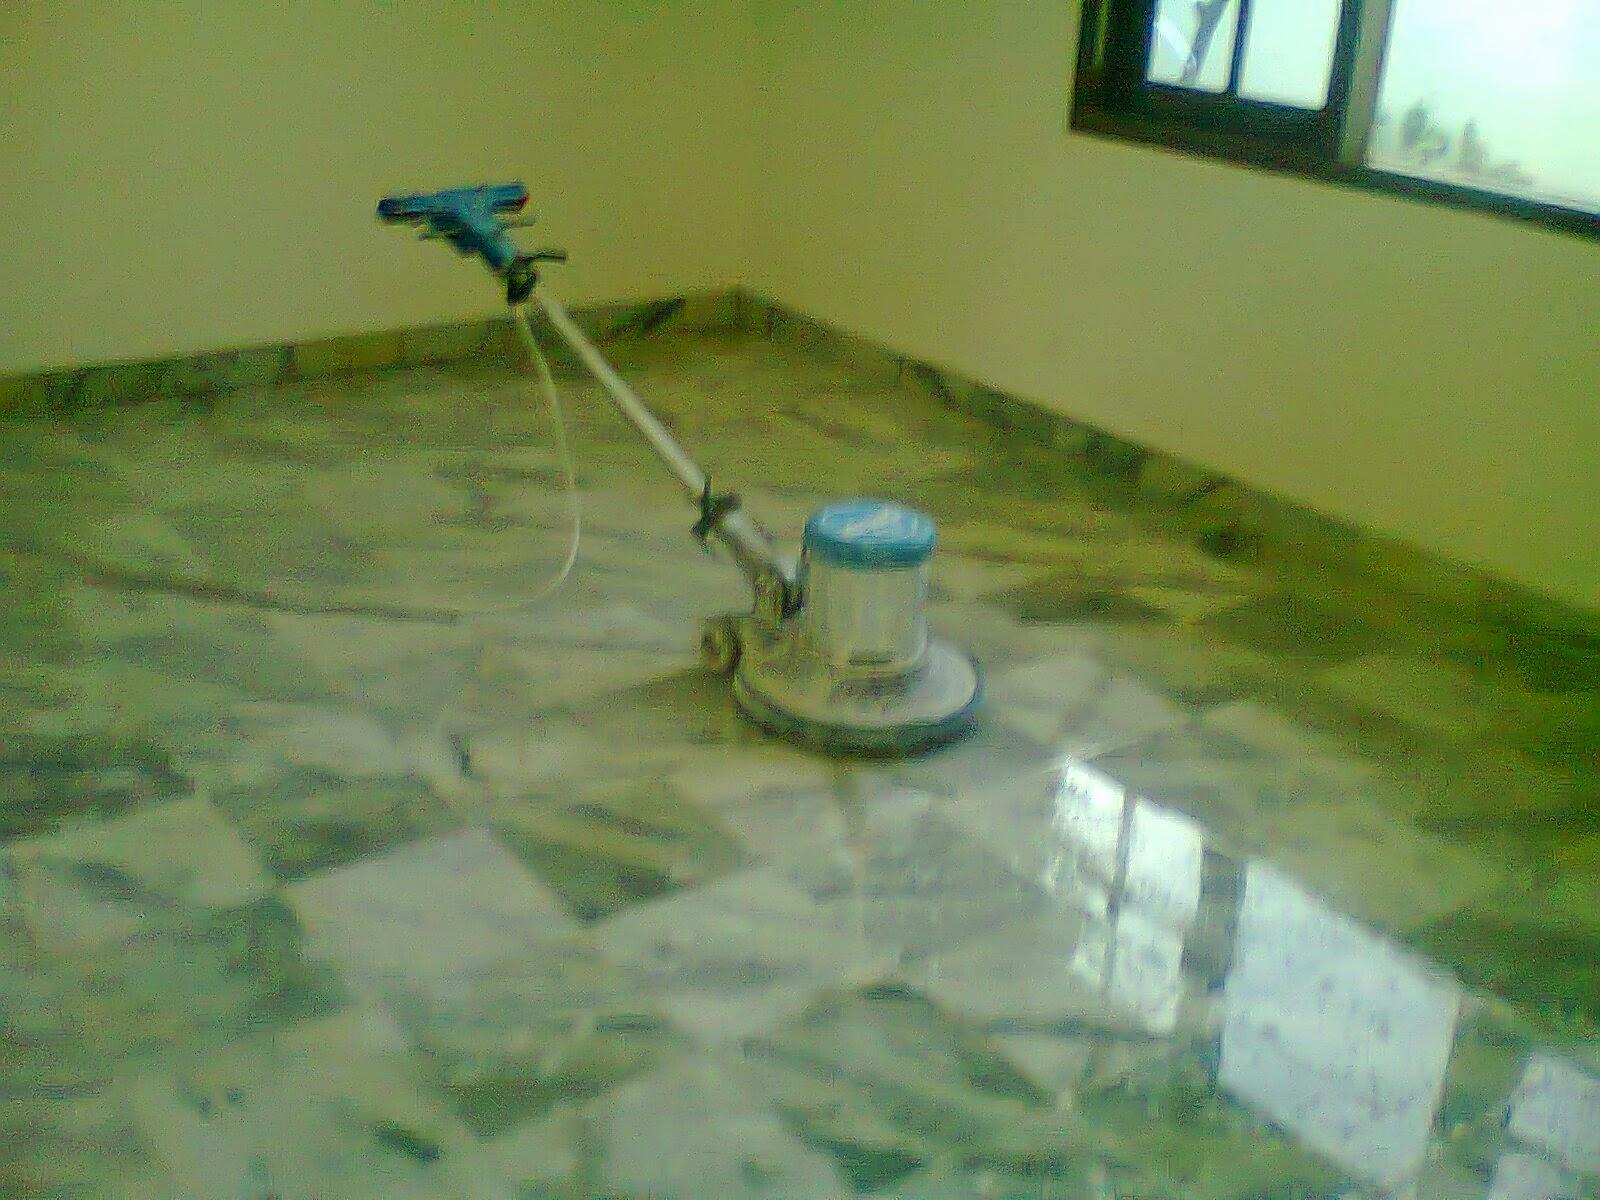 Meier Freedman Liveinternet Alat Potong Granite Ampamp Keramik 100cm